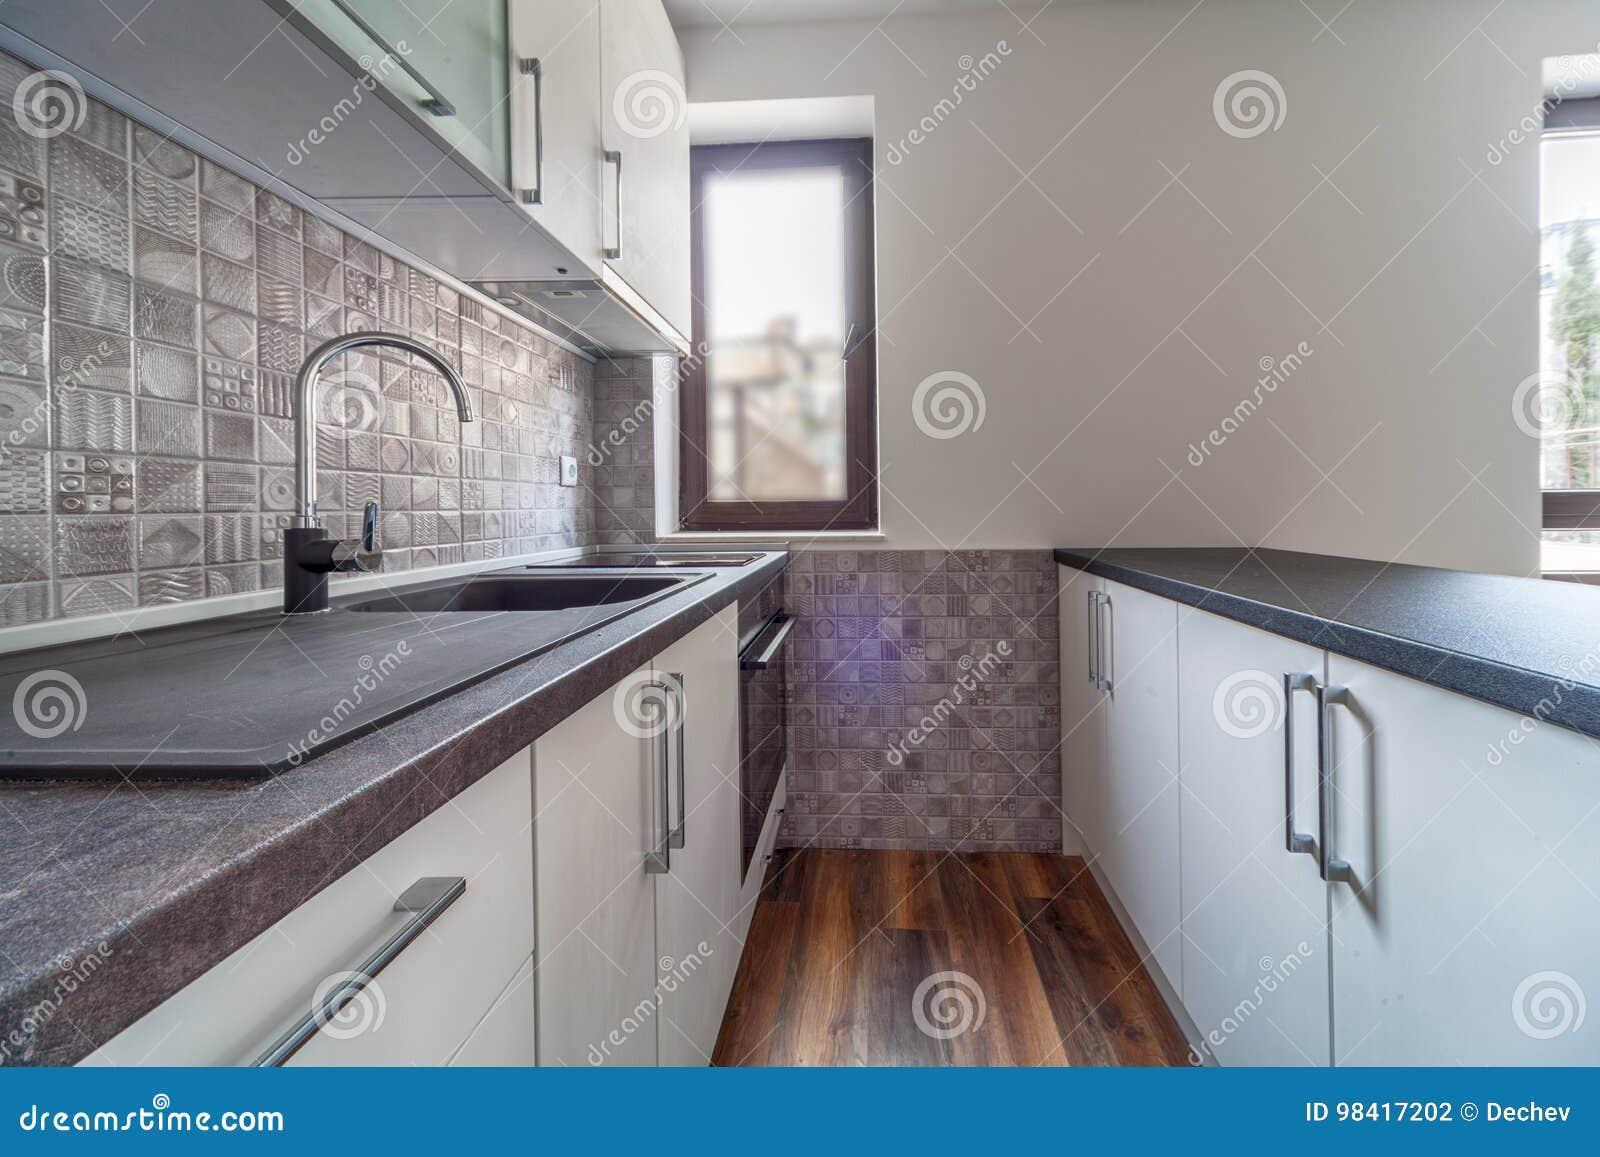 Fußboden Für Weiße Küche ~ Neue moderne und leere weiße küche neues haus innenphotographie